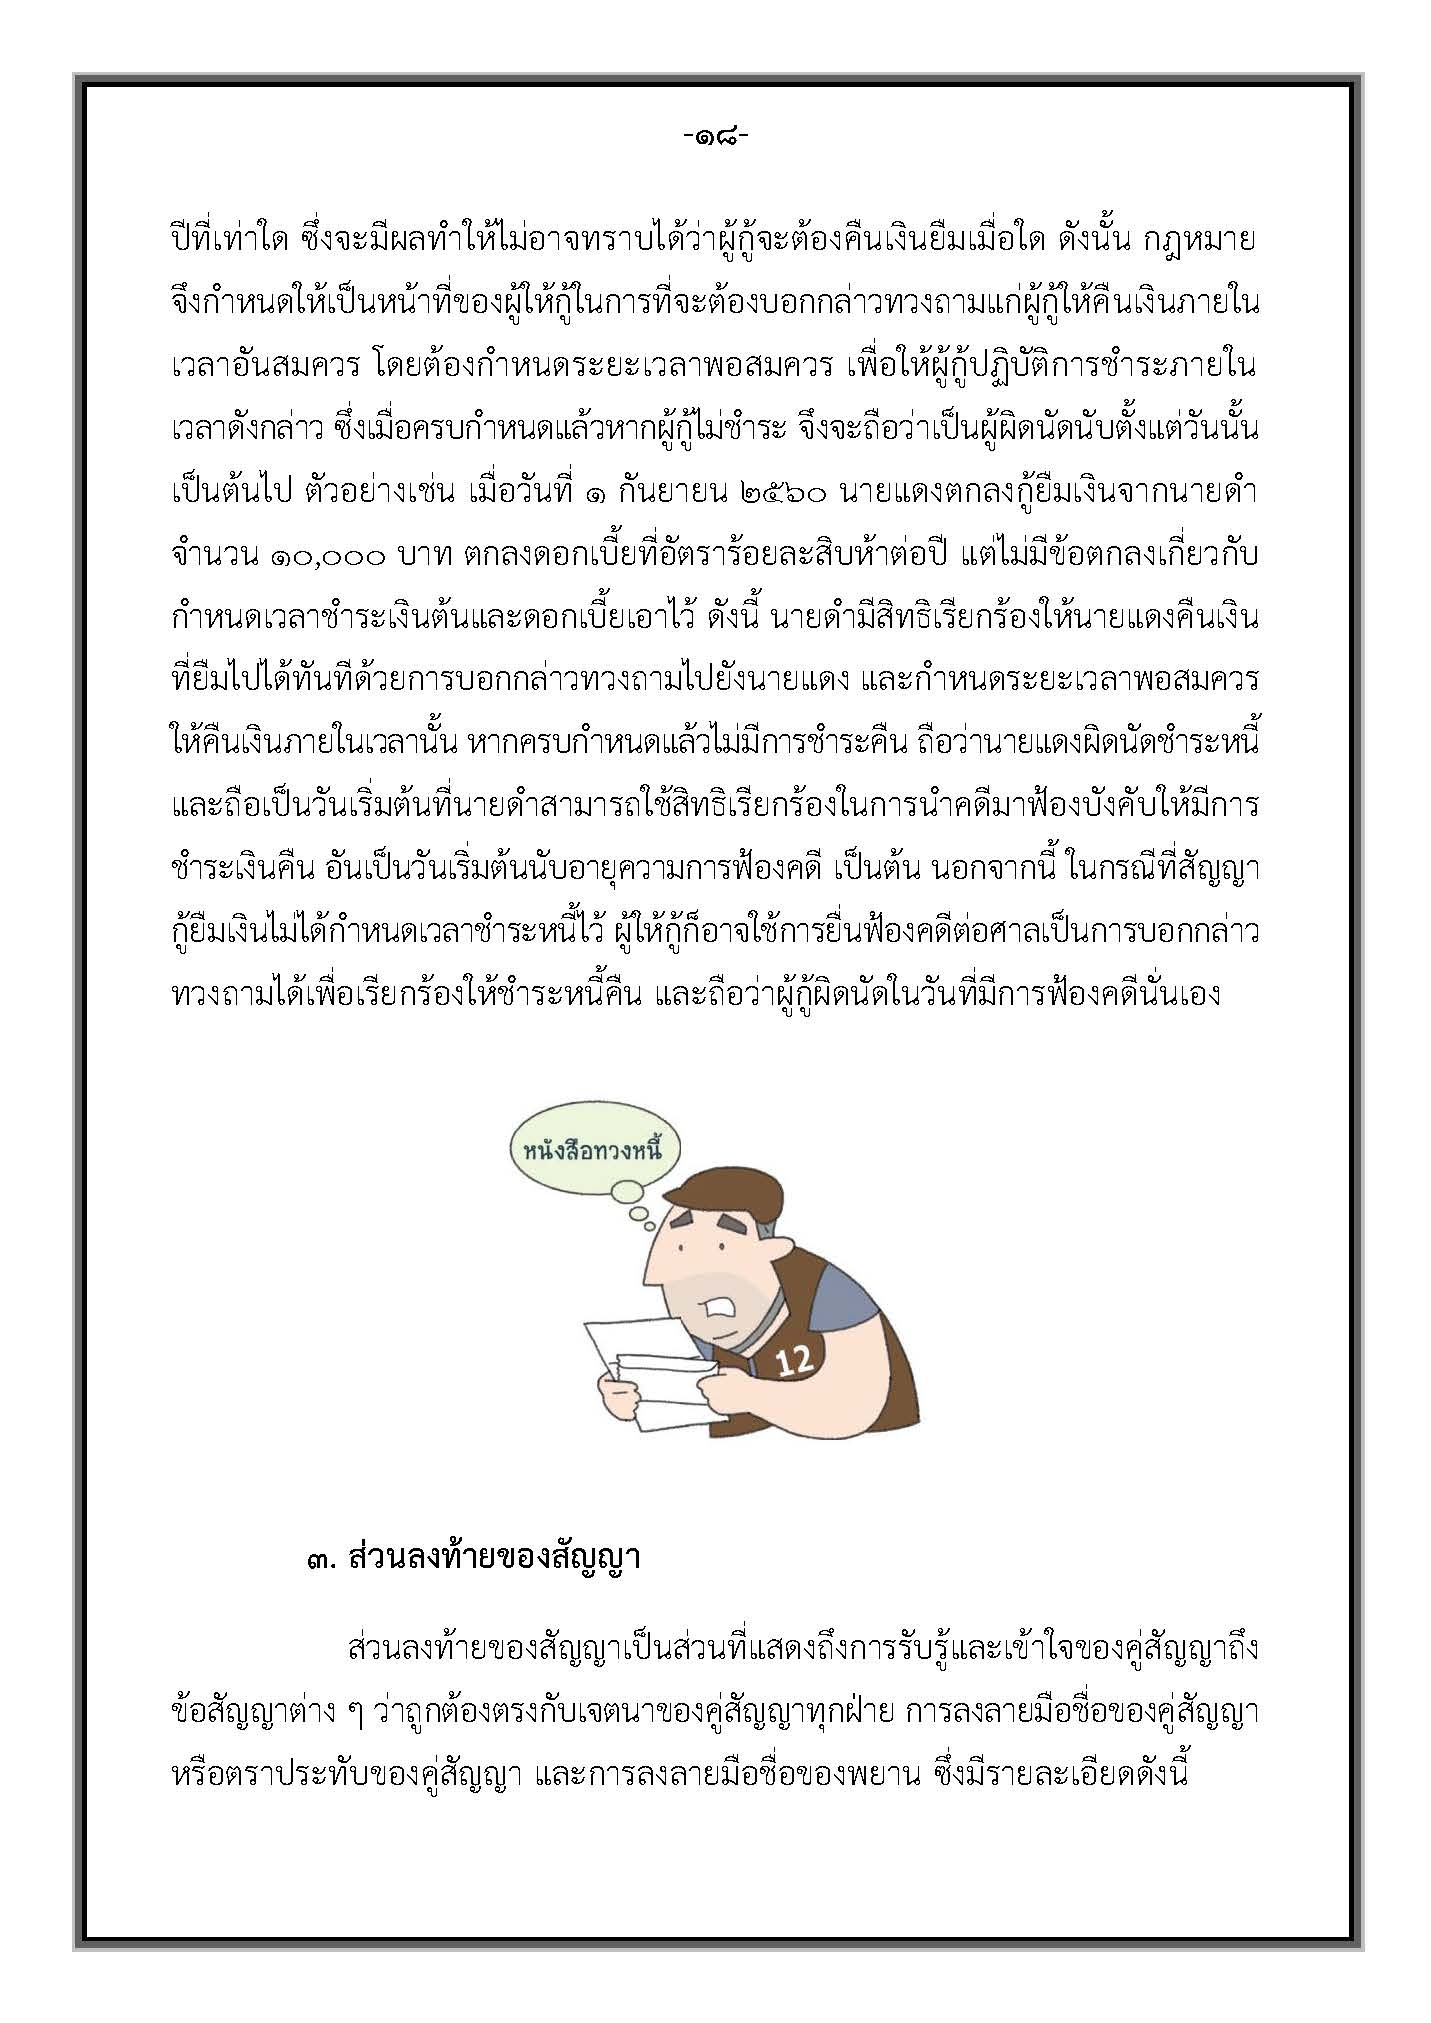 คำแนะนำ-สัญญากู้ยืมเงิน_Page_22